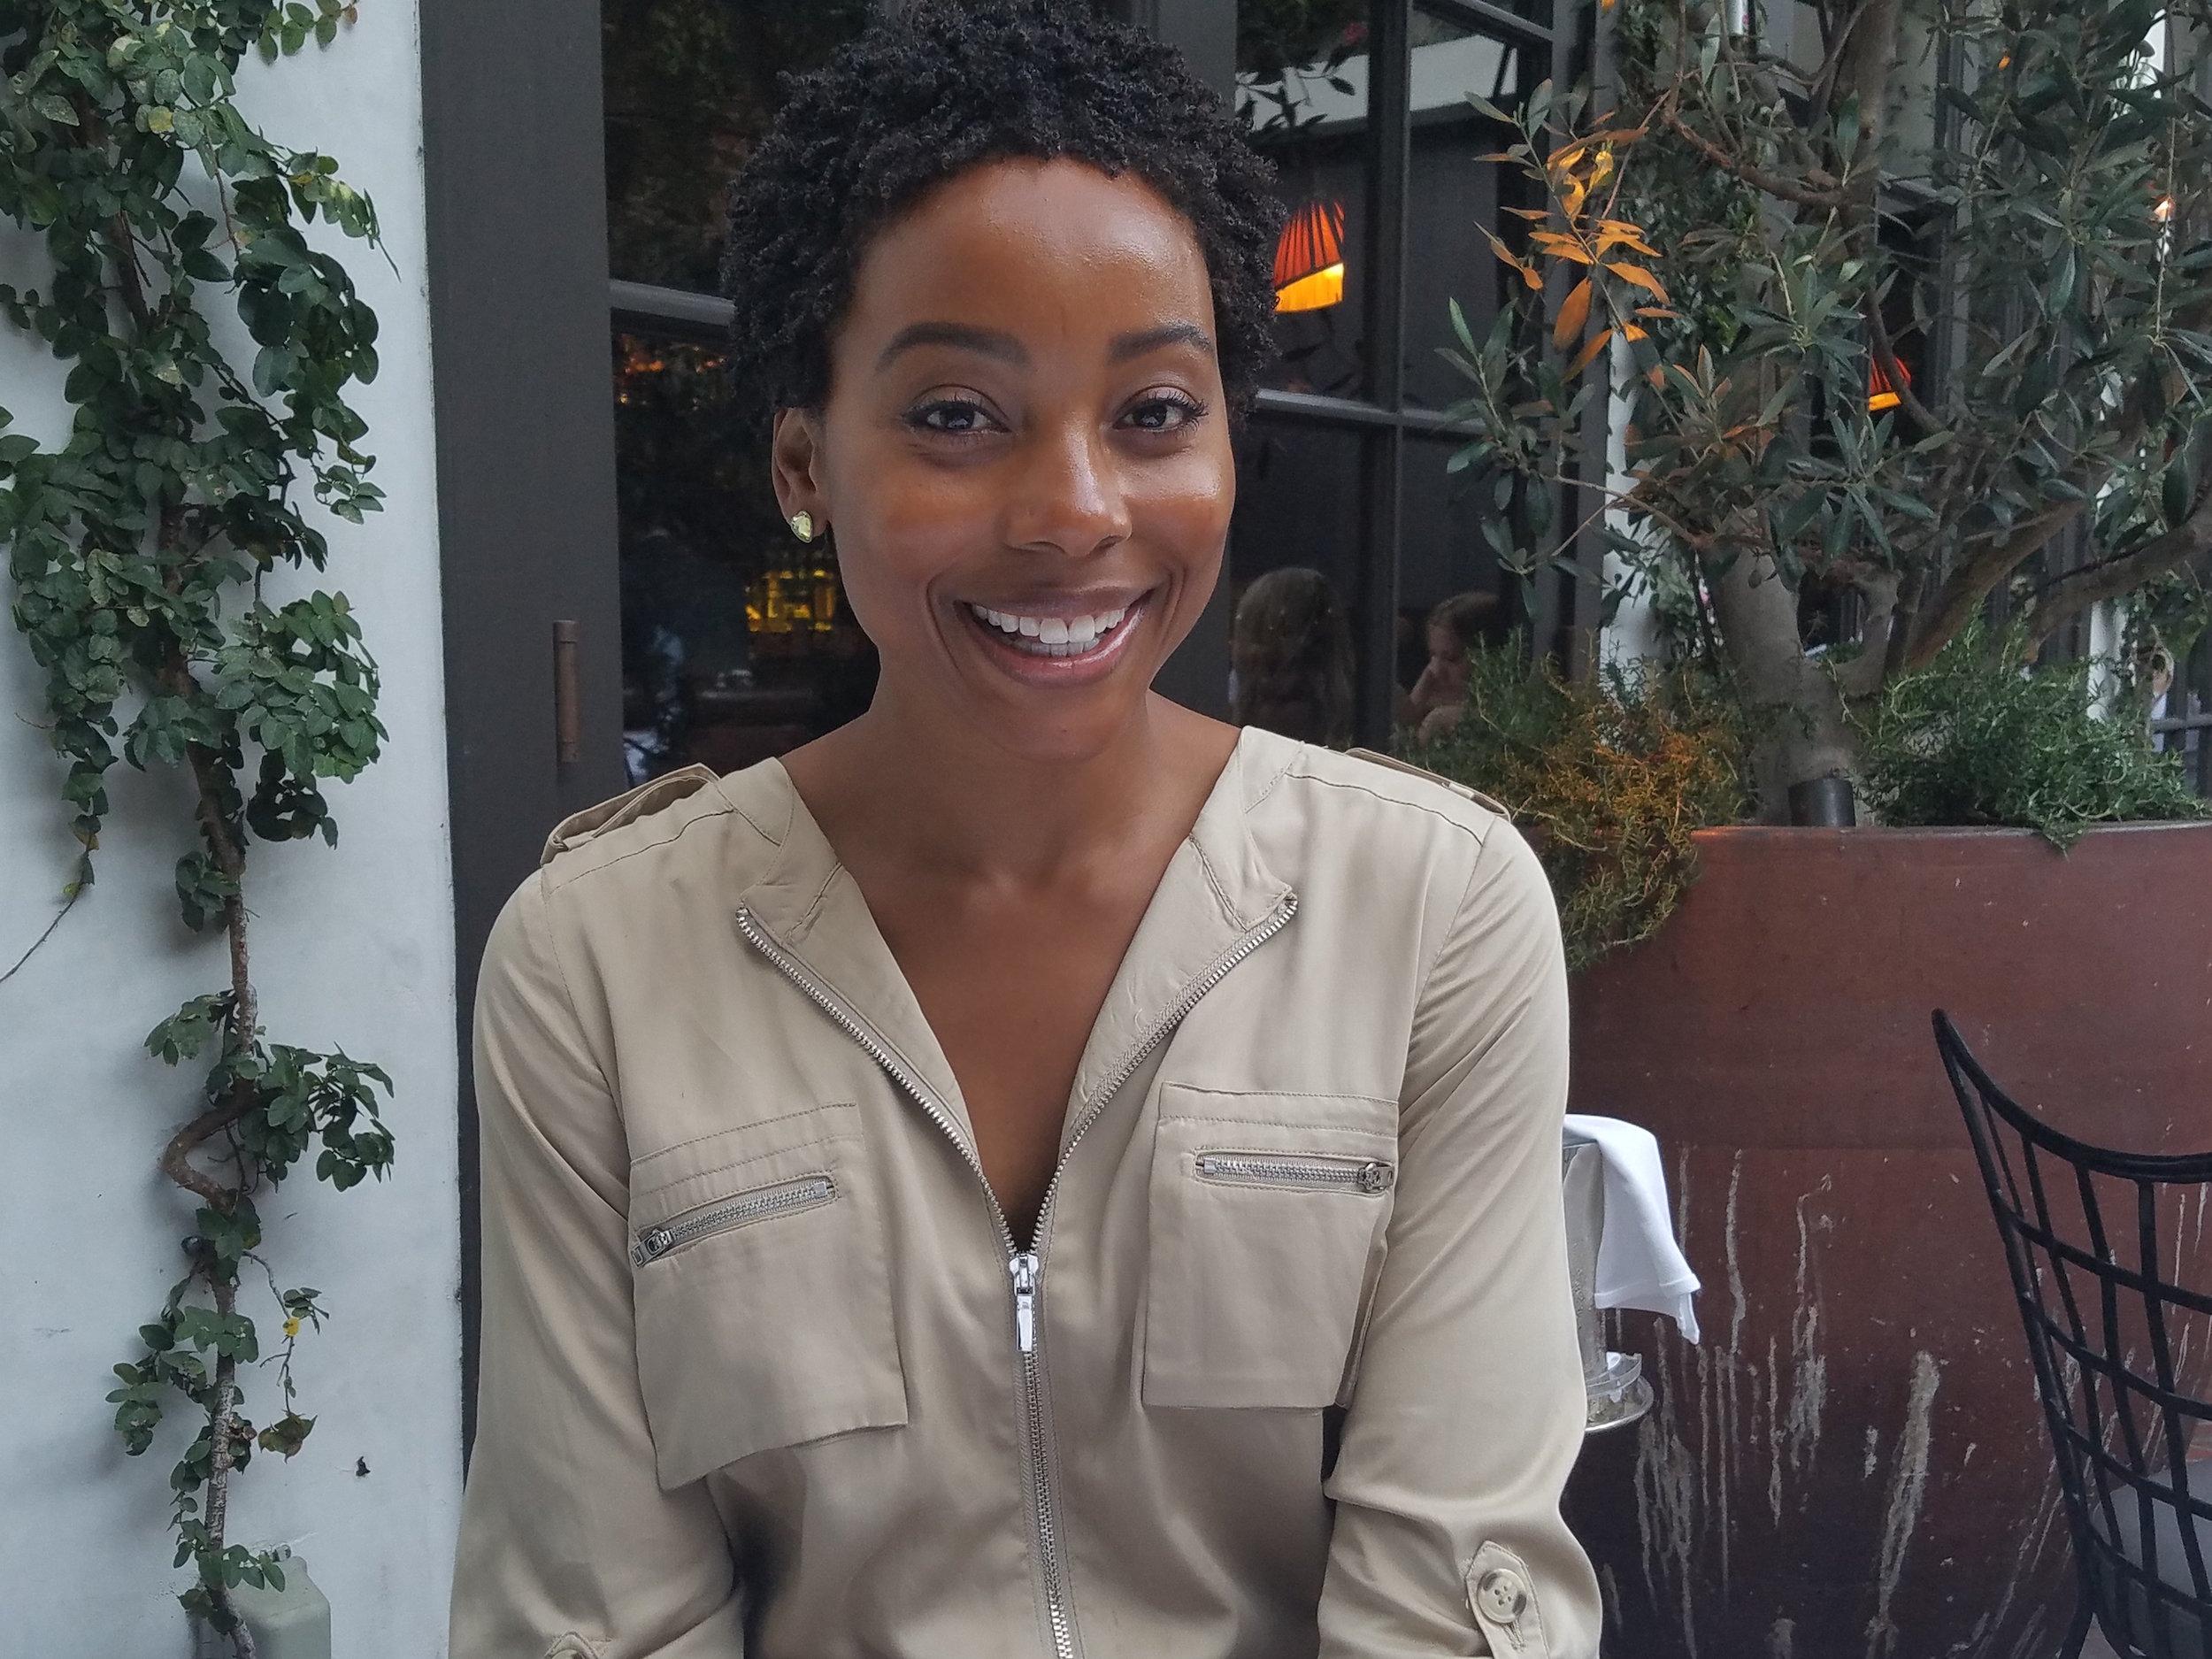 Erica Ashe